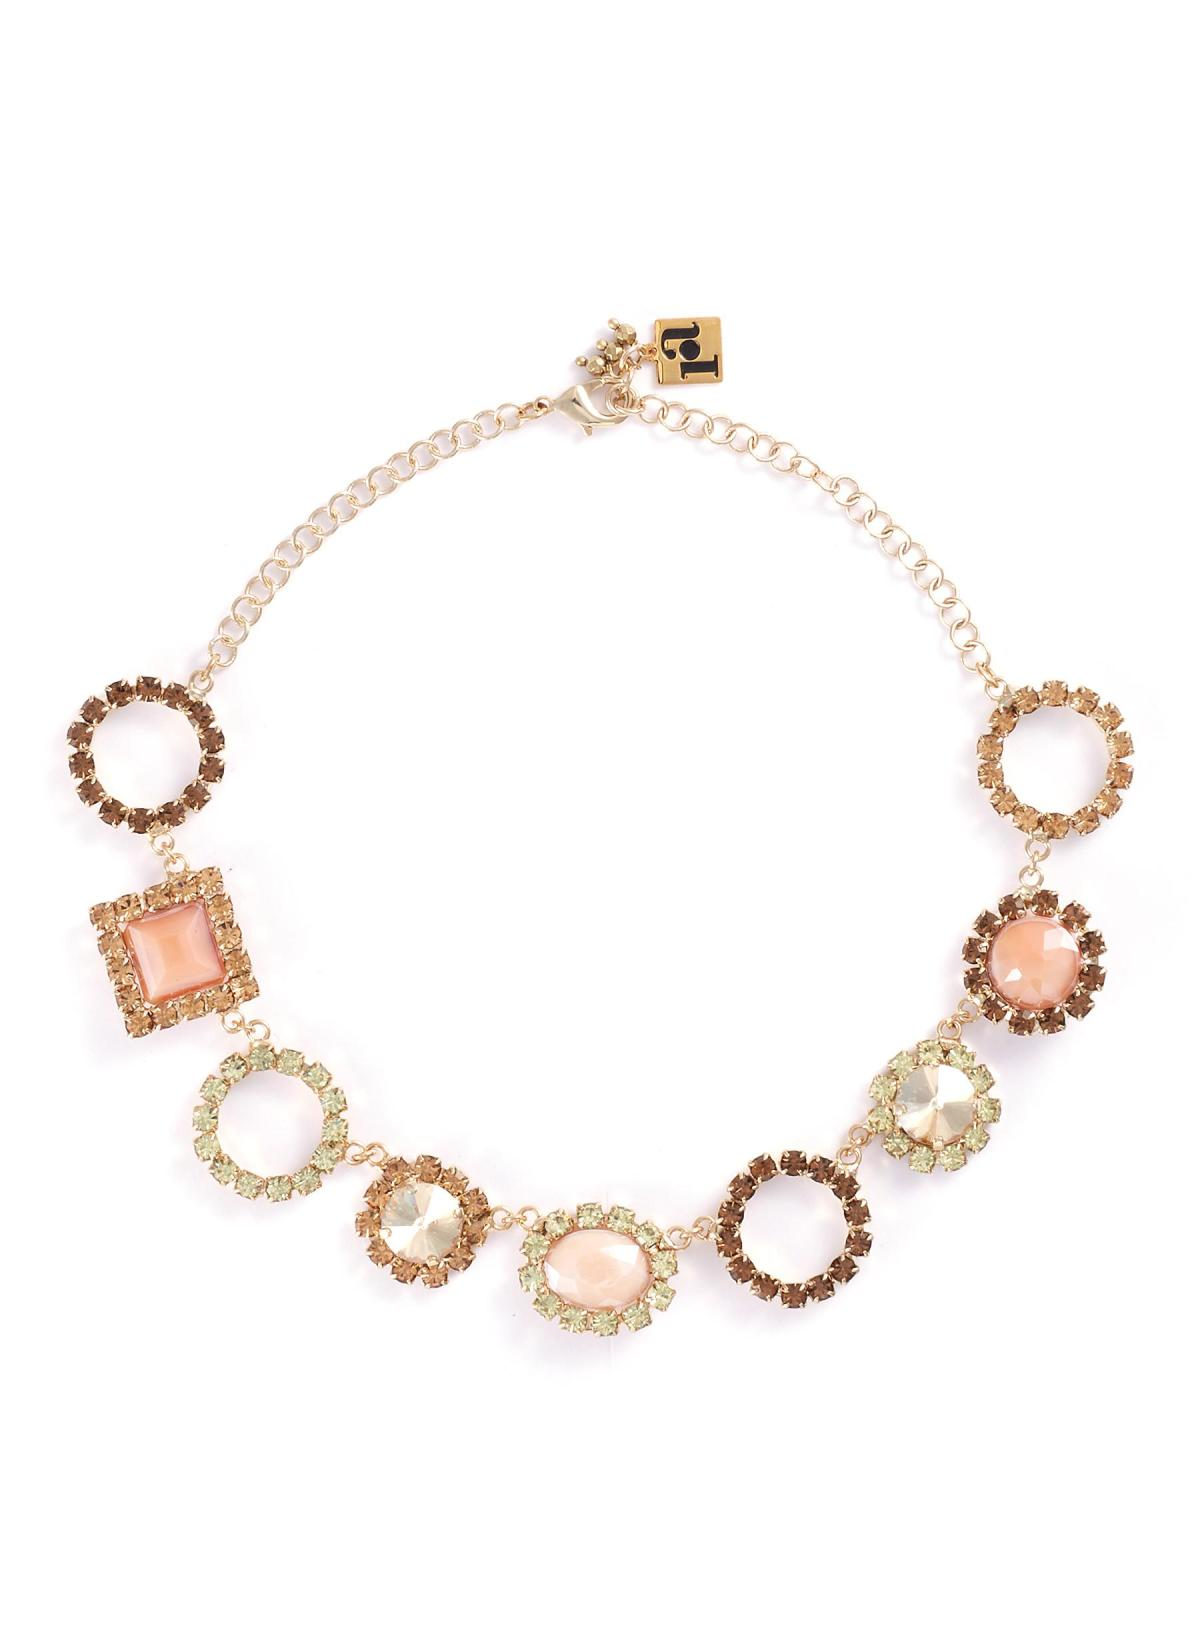 Rosantica 'Fiction Bold' Glass Crystal Geometric Station Necklace HKD$3,290